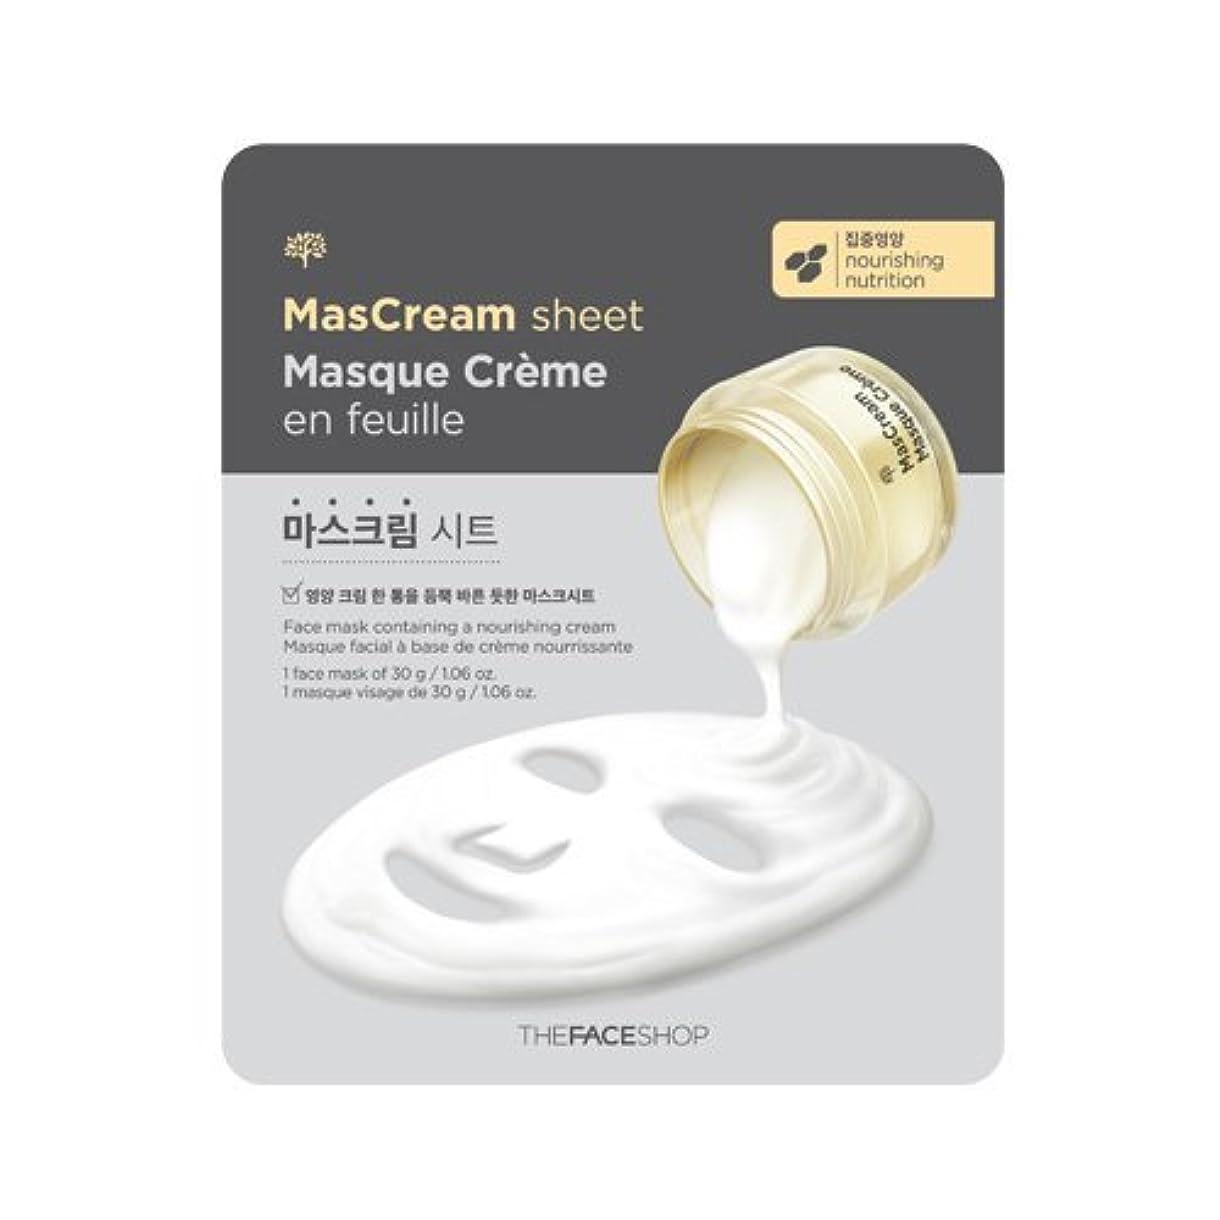 安息月曜金額ザフェイスショップ [THE FACE SHOP] MASCREAM SHEET x 5sheets マスクリームパック 5枚 (栄養/NOURISHING) [並行輸入品]